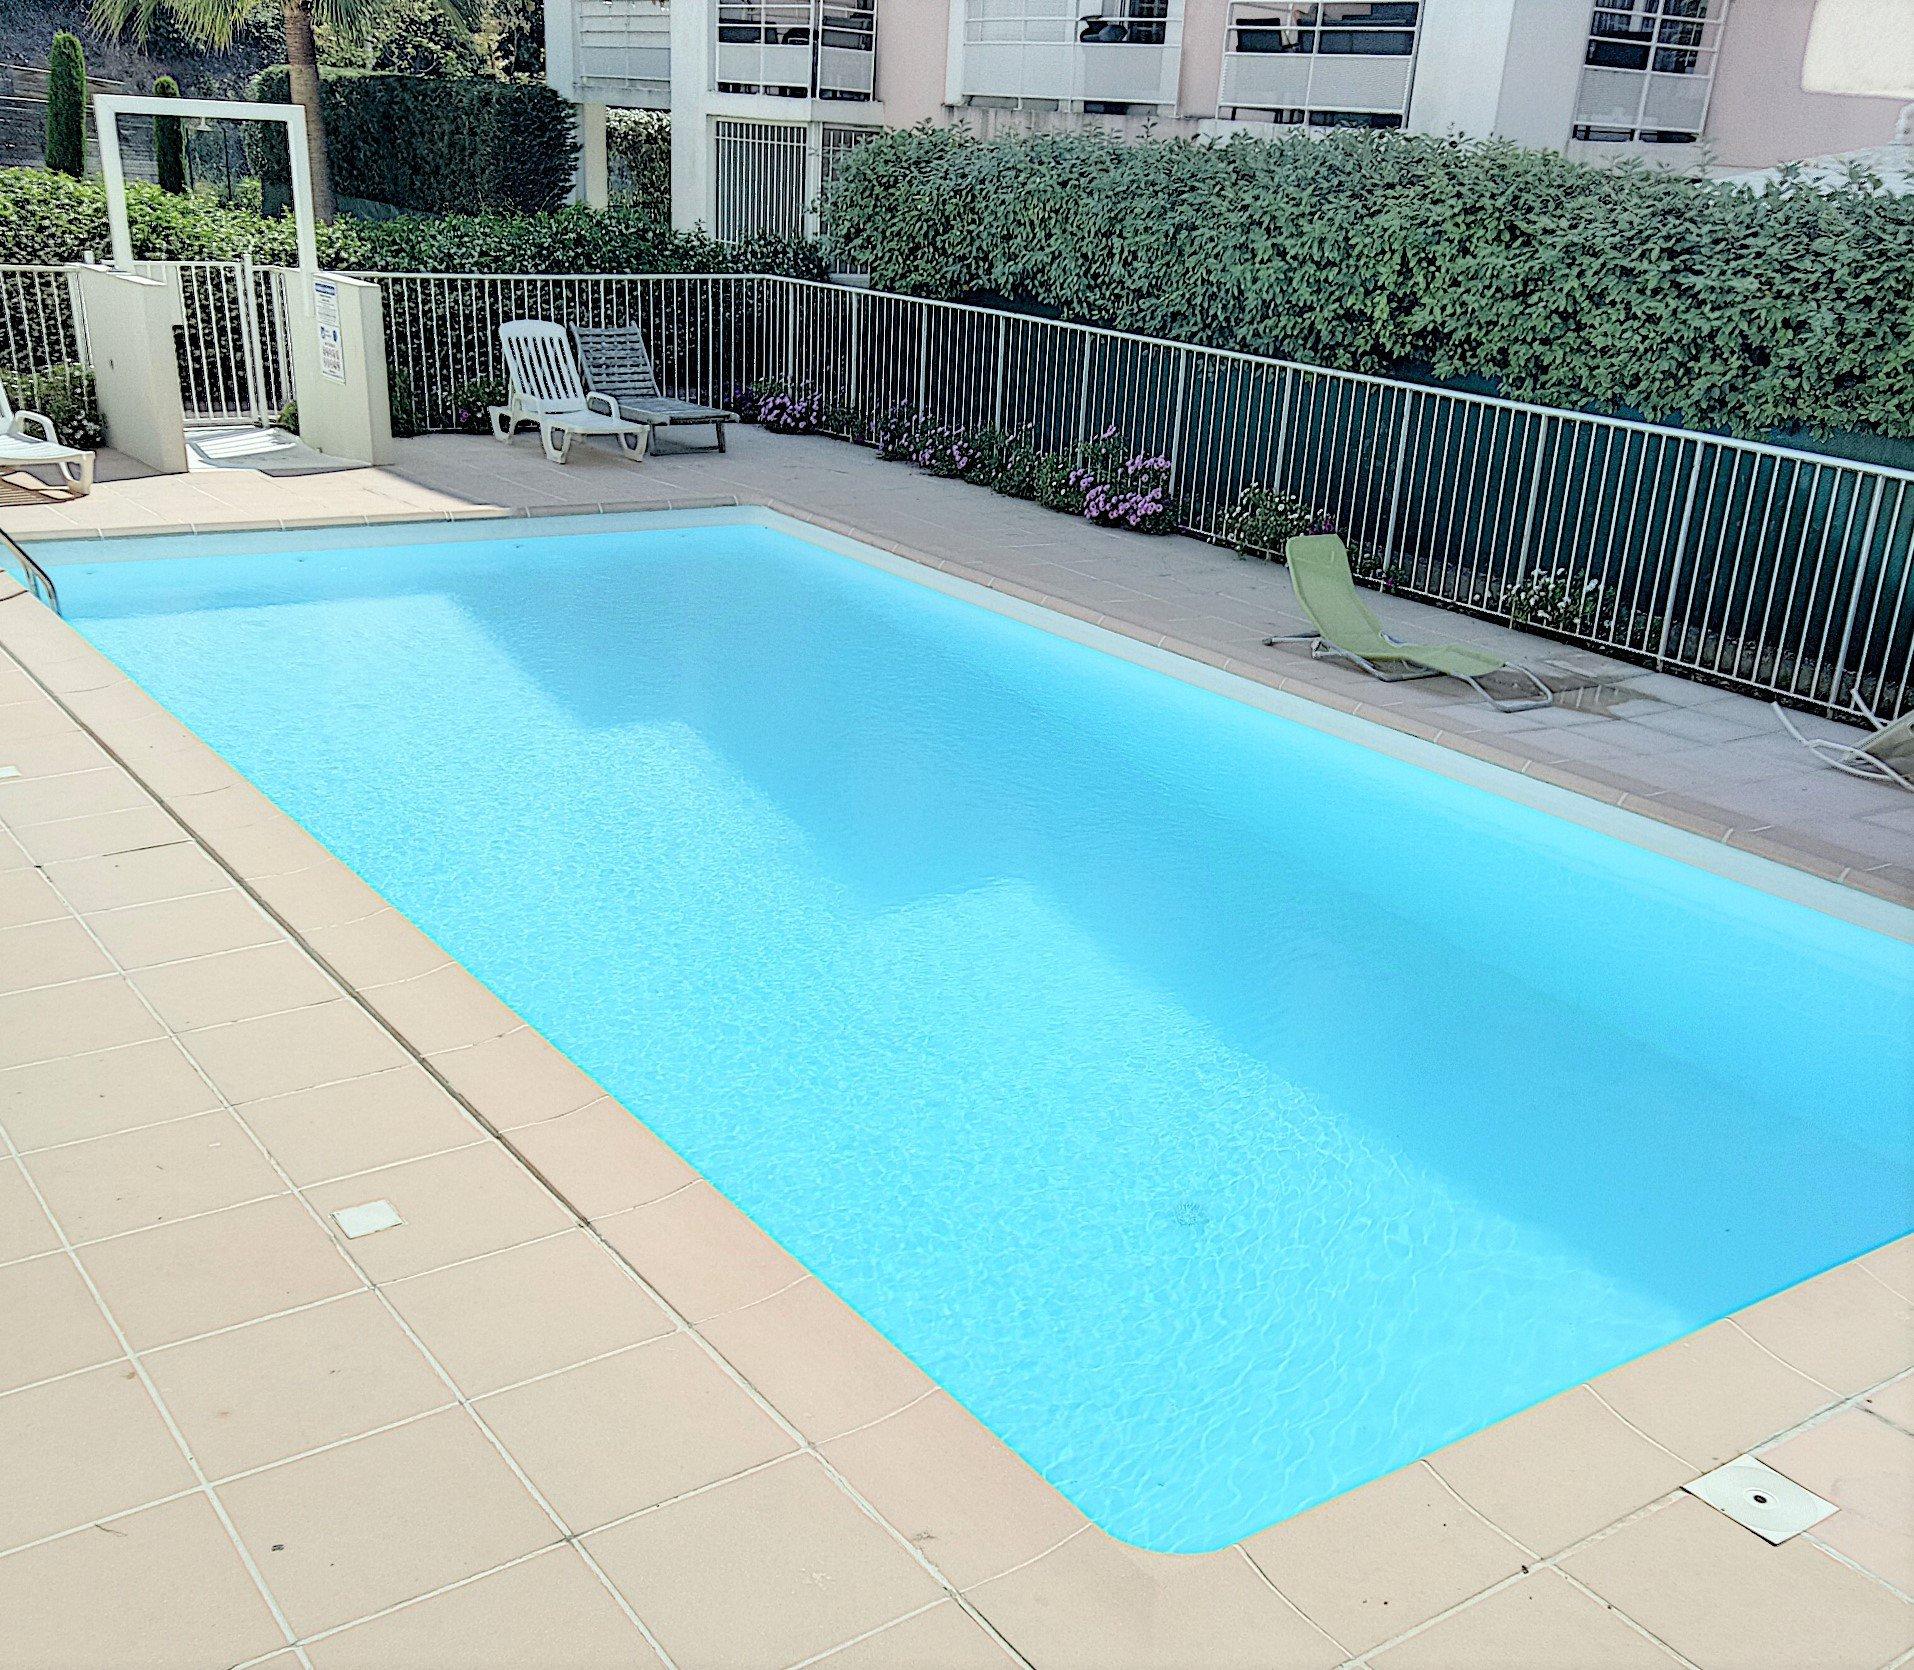 Saint-Laurent-du-Var ( 06700 ) - Appartement 2 pièces - Terrasse - Parking